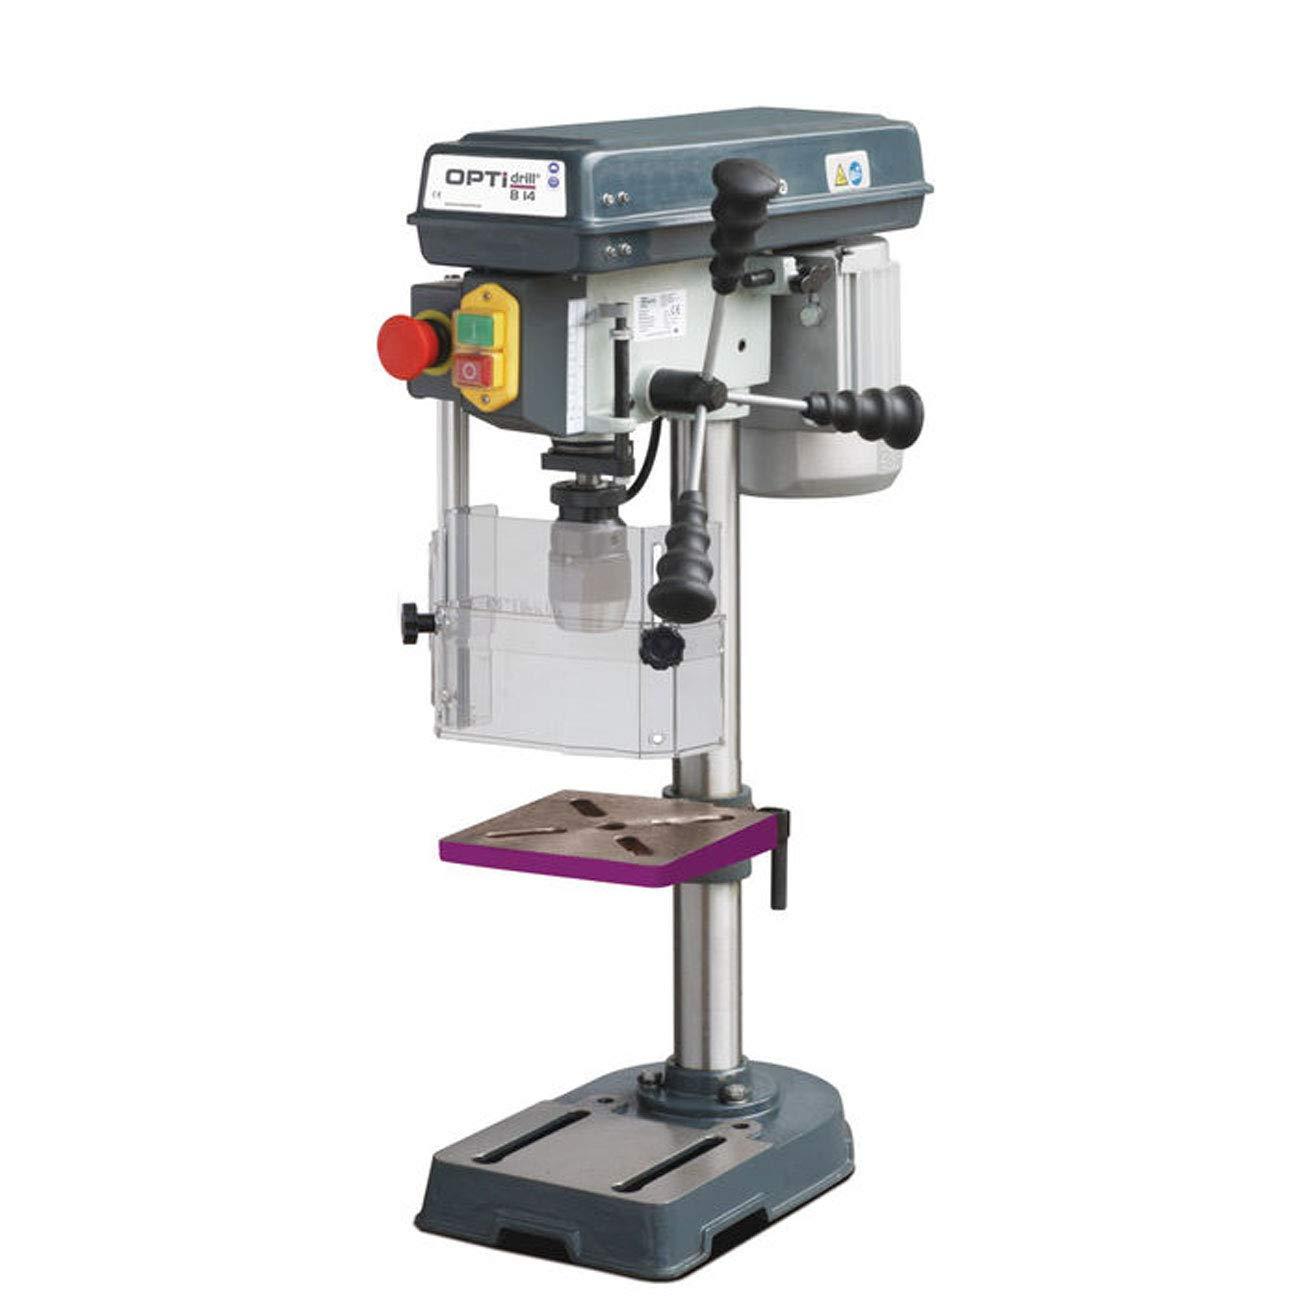 Strmer-Optimum-3008141SET-Tischbohrmaschine-OPTIdrill-B-14-Keilriemenantrieb-Bohrtisch-neigbar-und-drehbar-Schnellspannbohrfutter